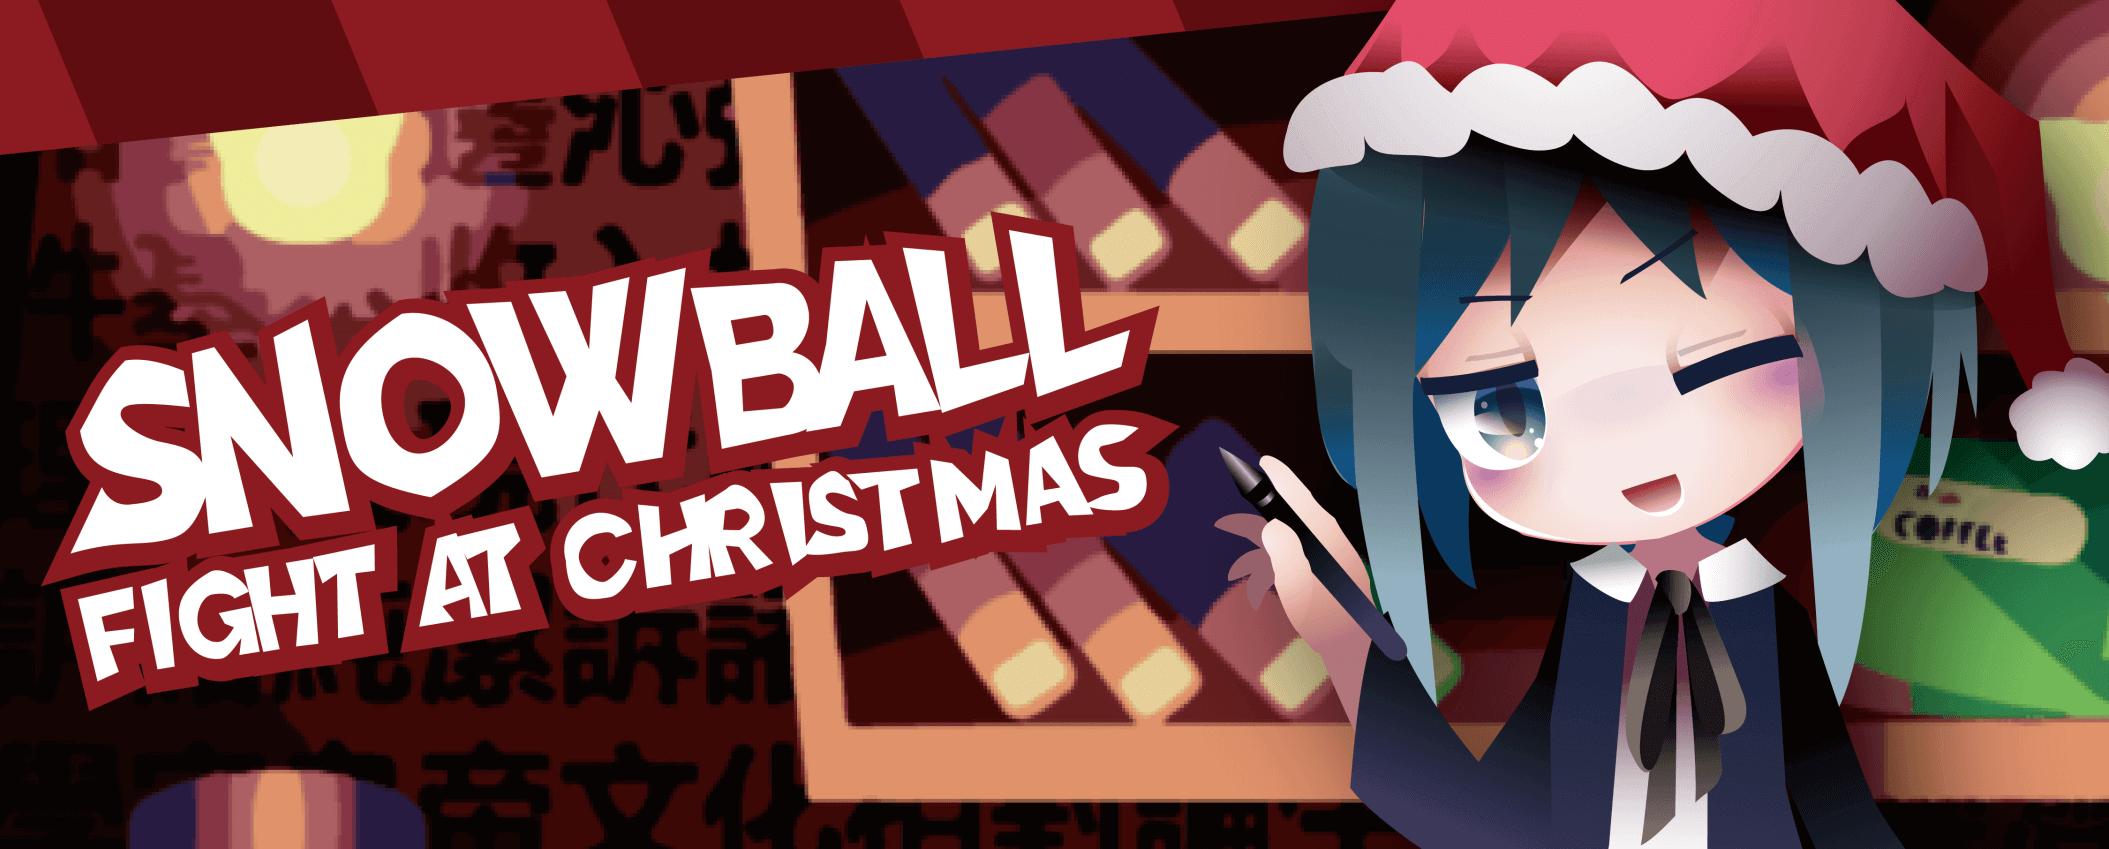 聖誕節來打雪仗吧 Snowball Fight At Christmas